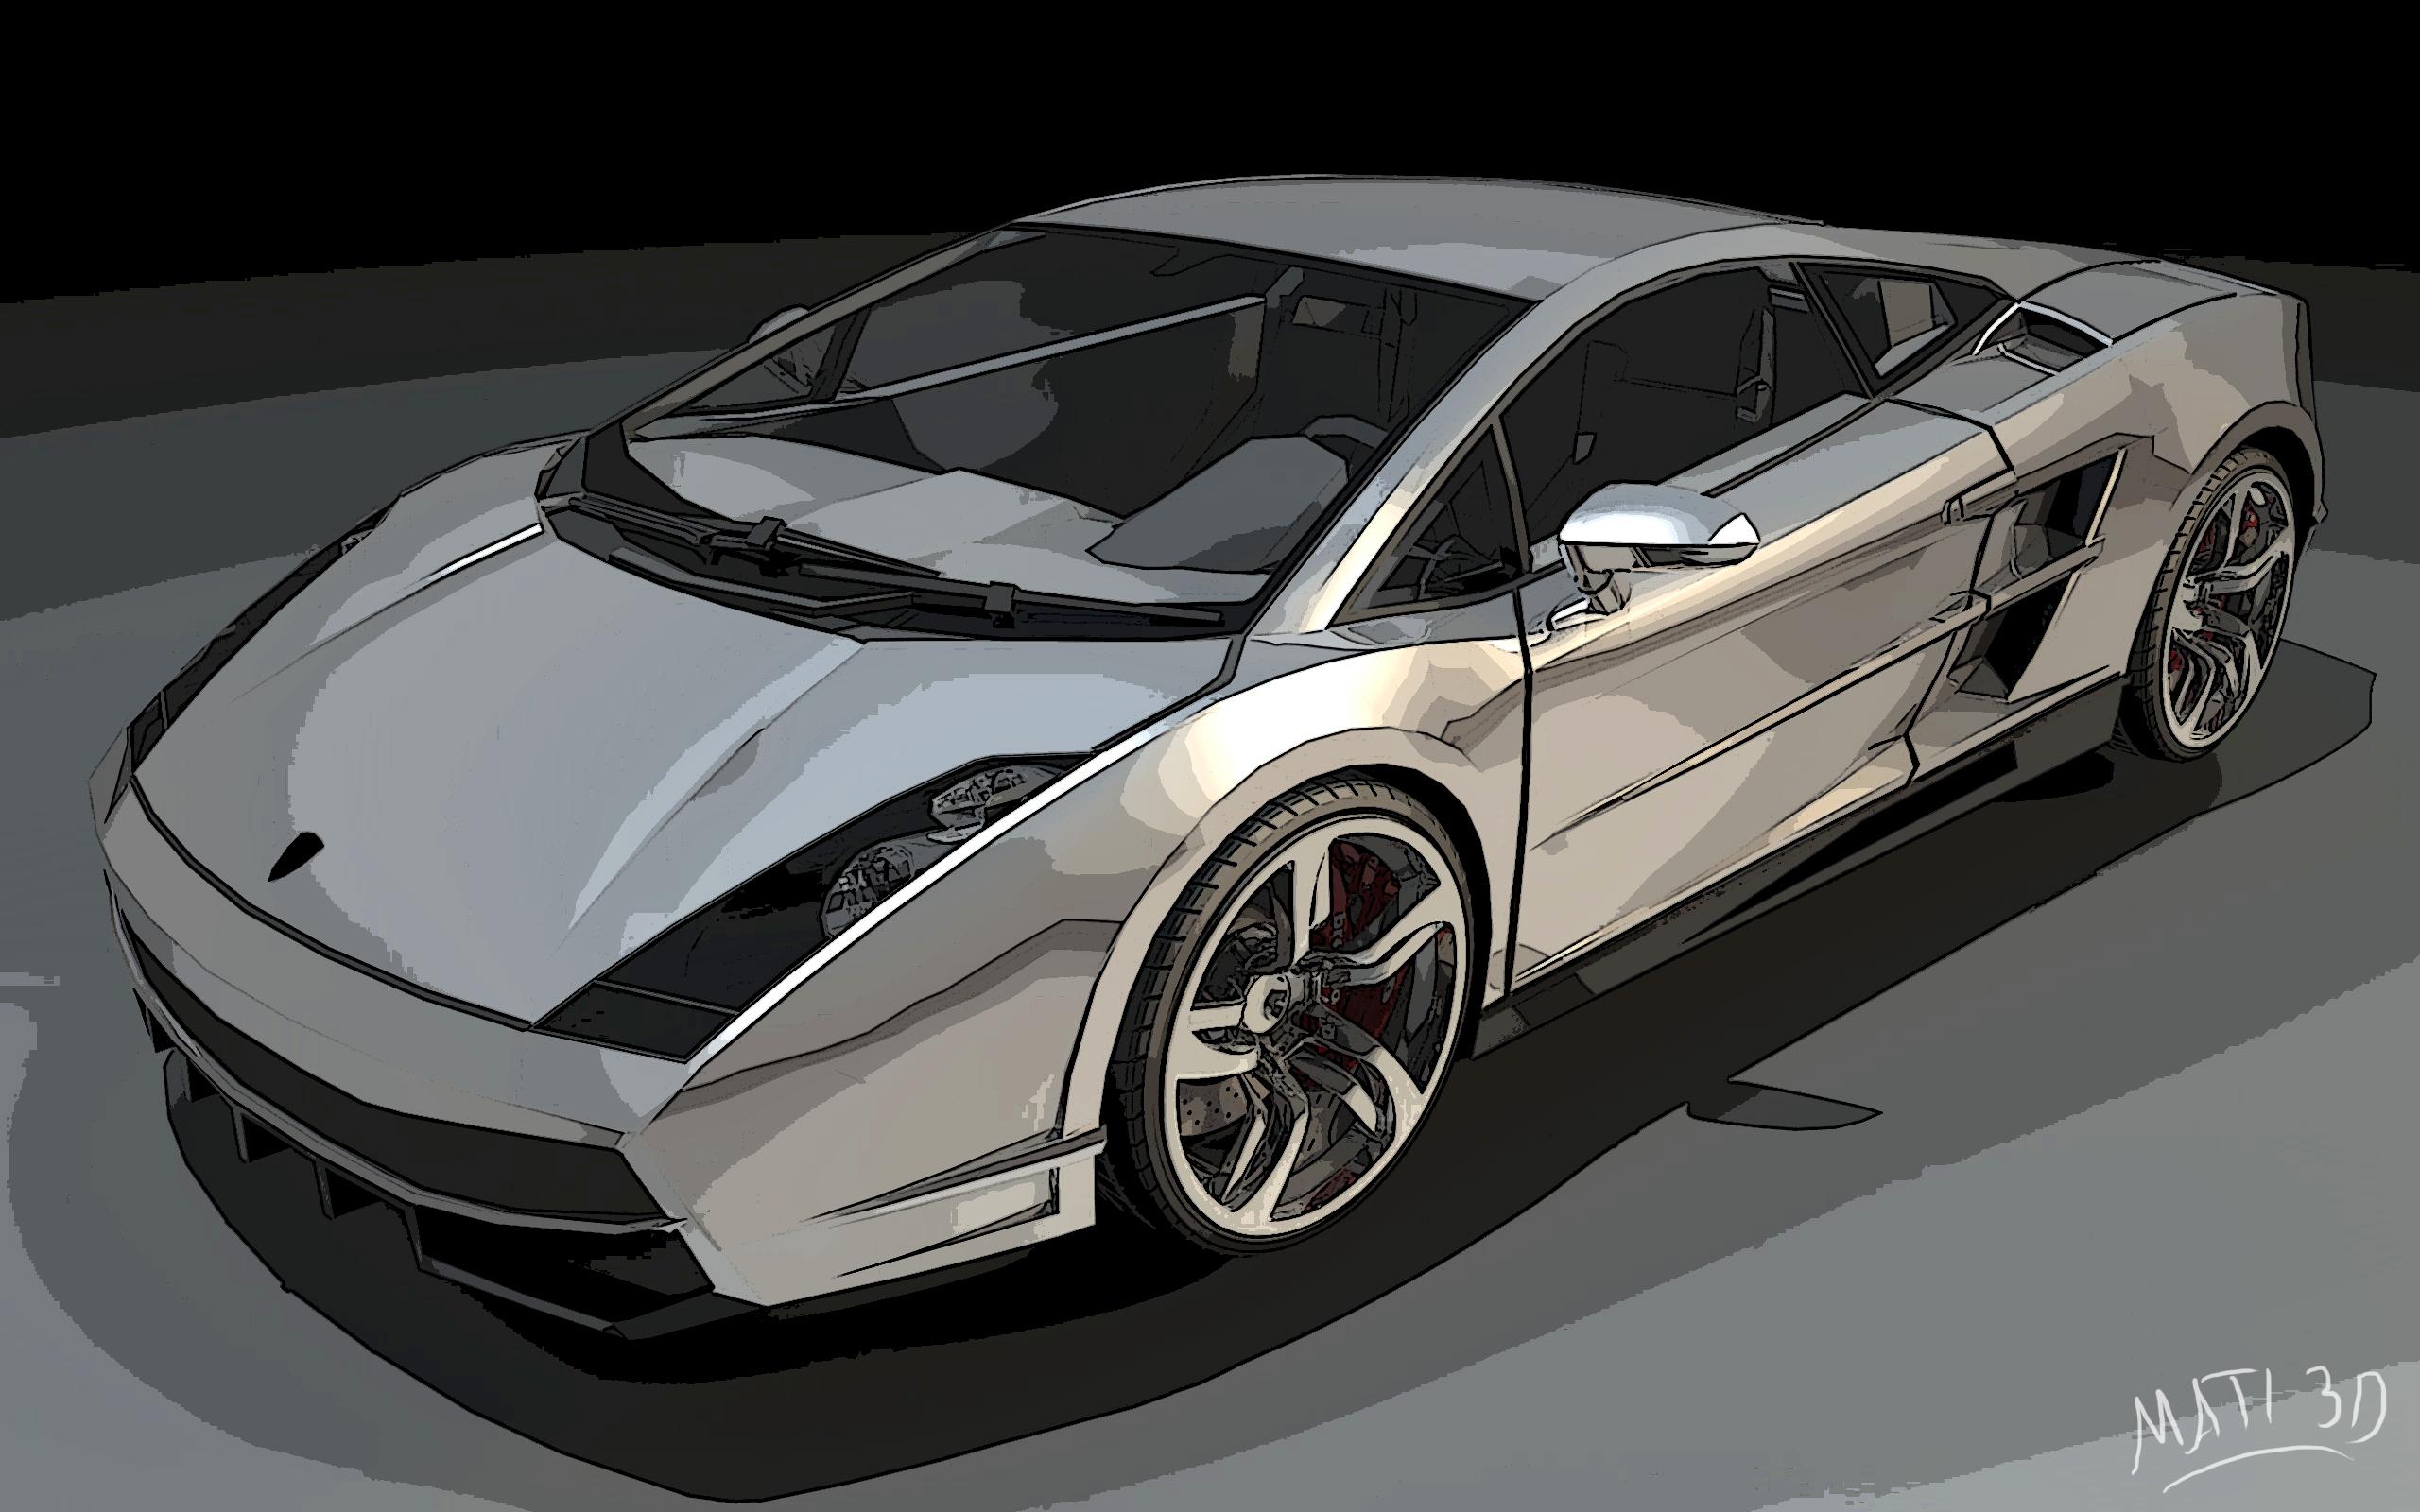 Vehicles - Lamborghini Gallardo  Car Gallardo Lamborghini Wallpaper